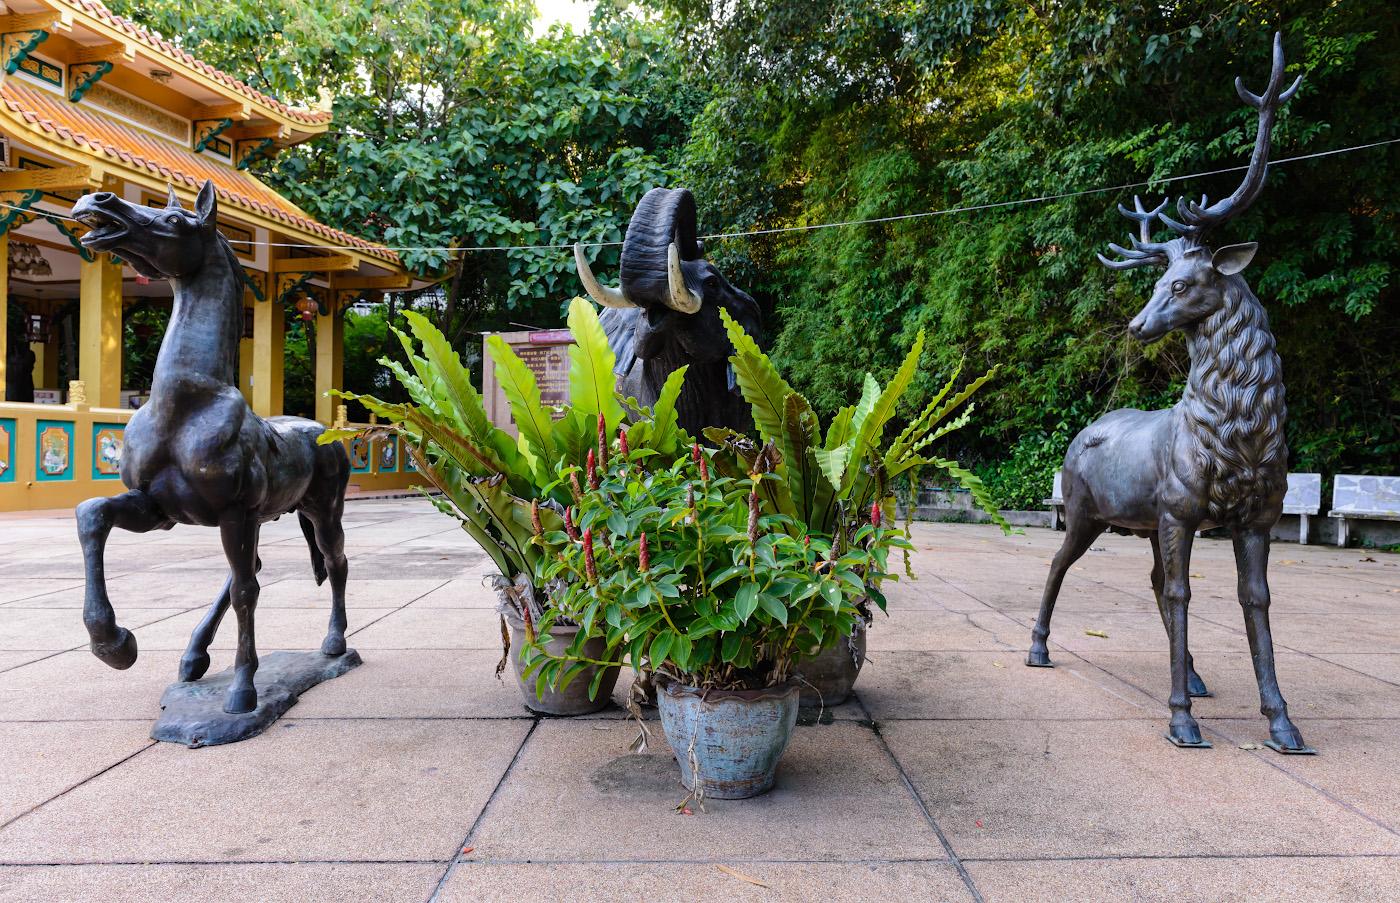 Снимок 8. Прямо зверинец на территории парка Wang Sam Sien. Отзыв, как мы поднялись на холм Пратамнак в Паттайе. Рассказы туристов о самостоятельном отдыхе в Таиланде. Что интересного можно увидеть рядом с Большим Буддой. 1/50, 8.0, 320, 24.